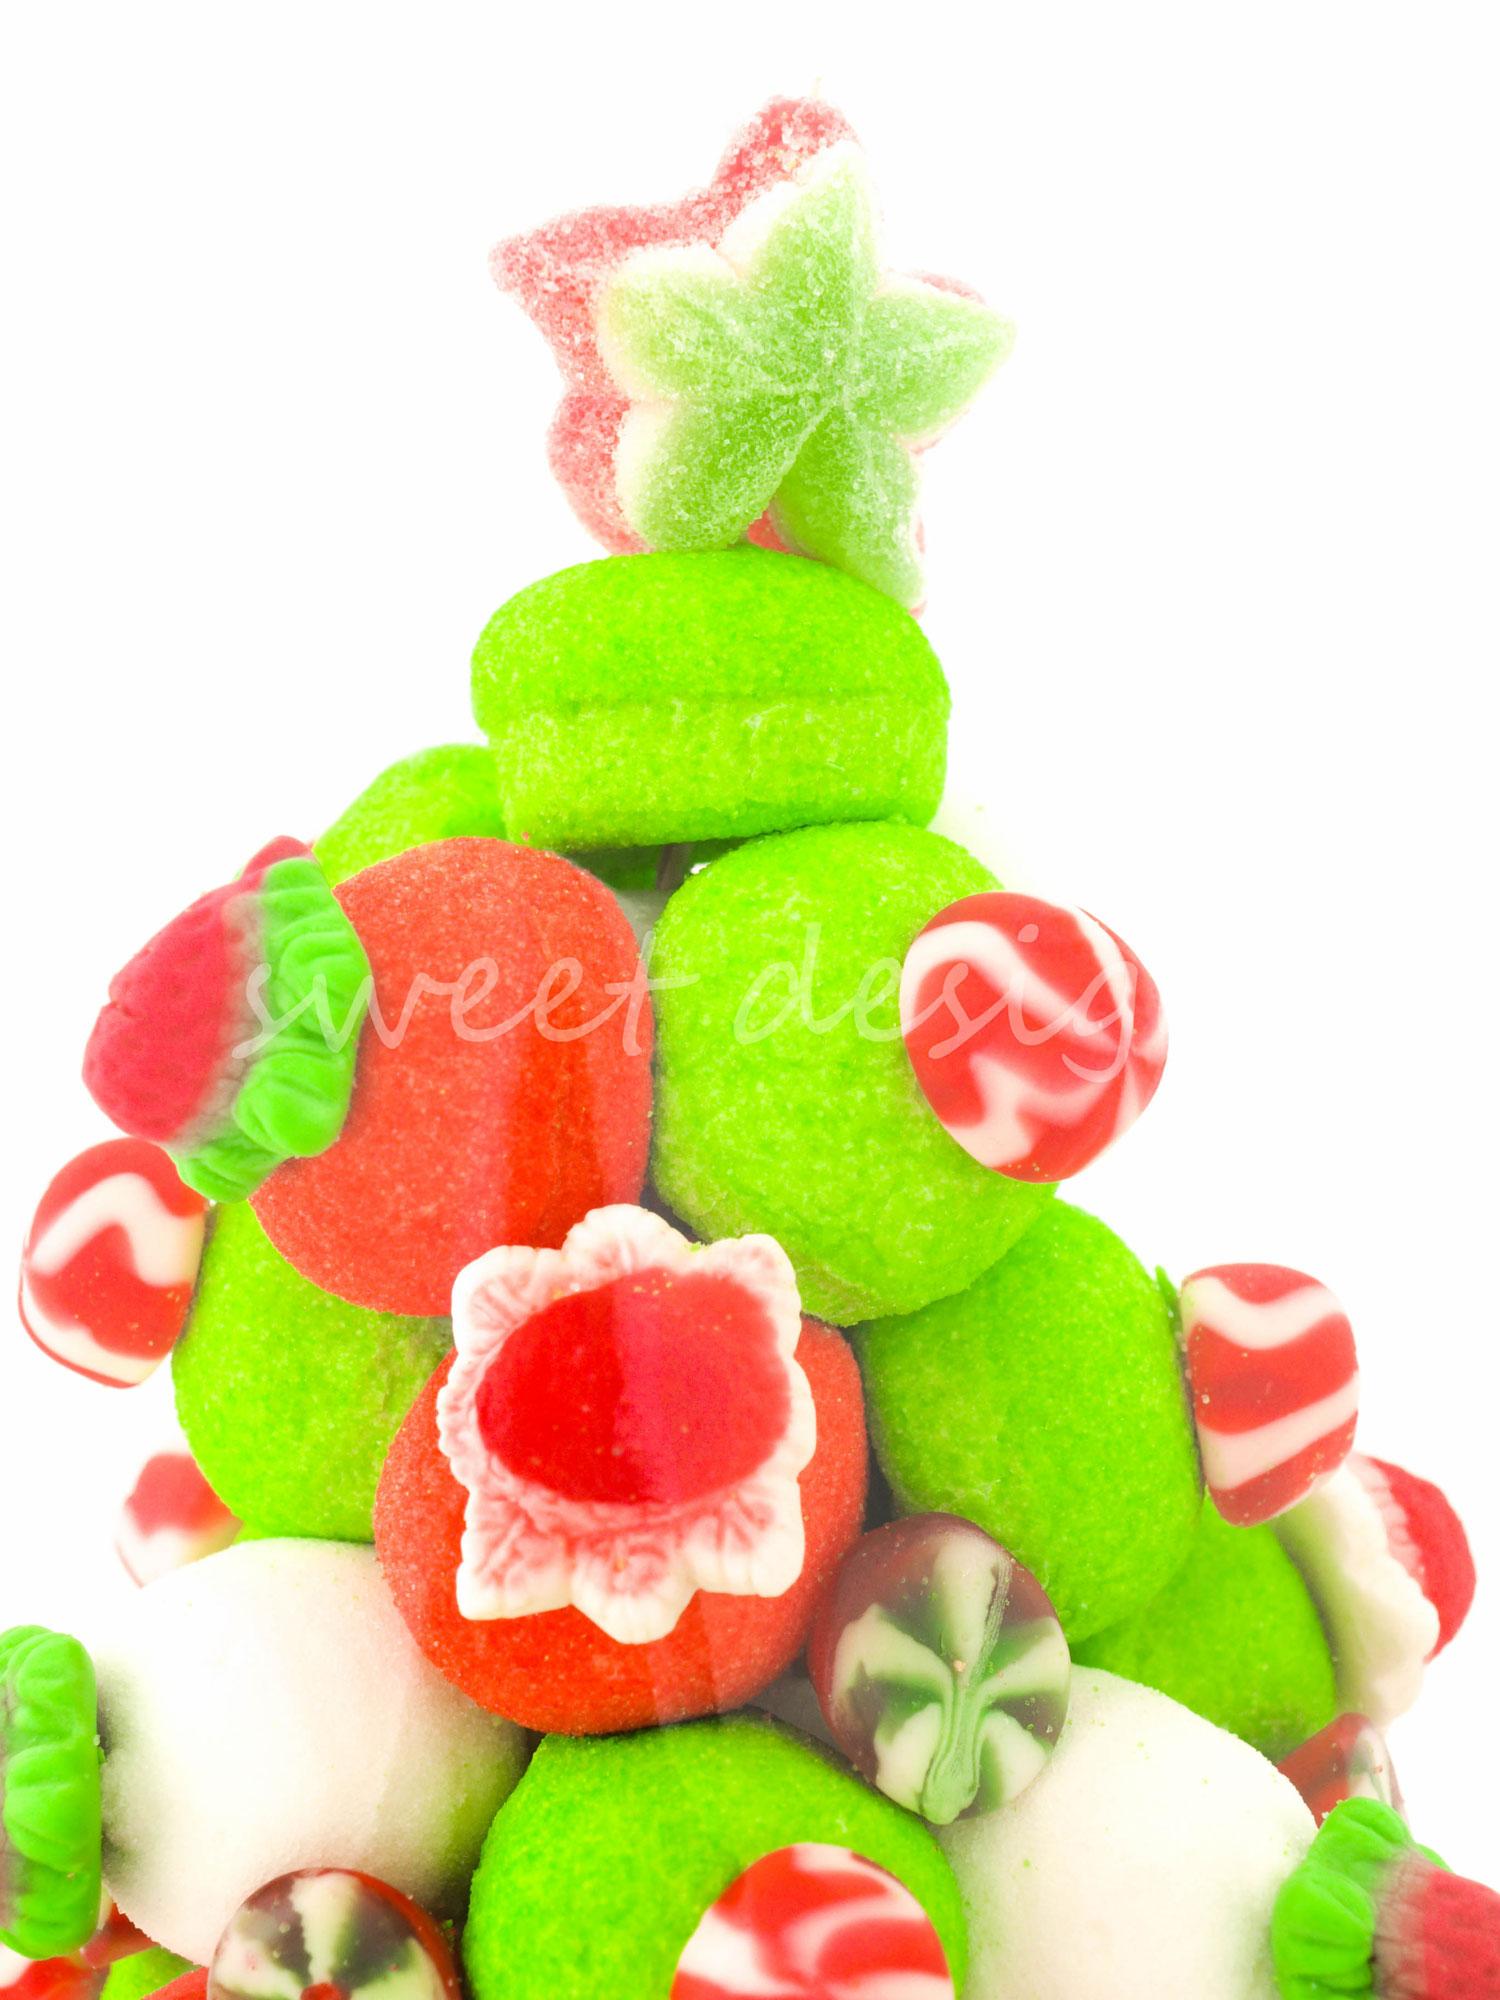 Arbol de navidad sweet design - O arbol de navidad ...